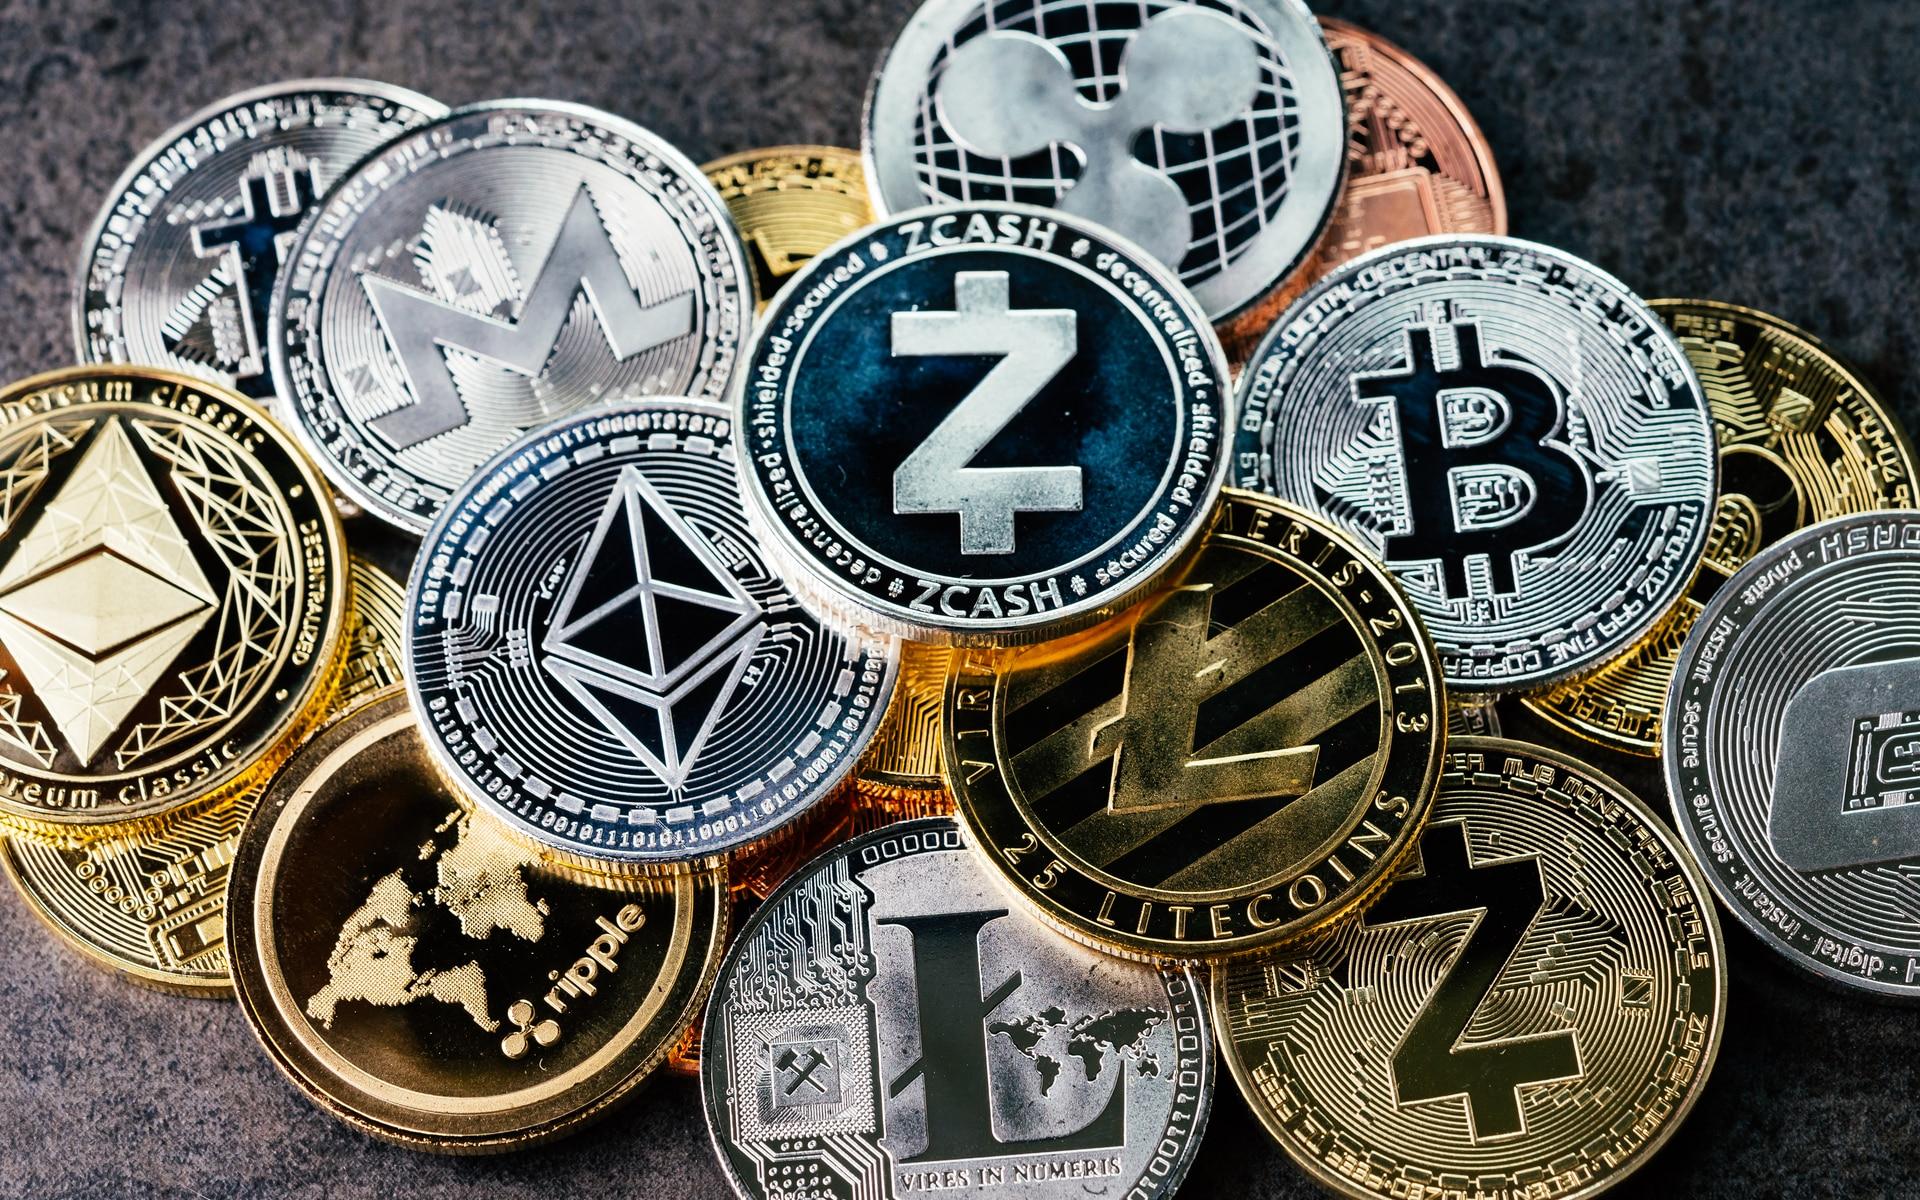 Veja três criptomoedas com grande potencial após a queda do mercado, segundo analista